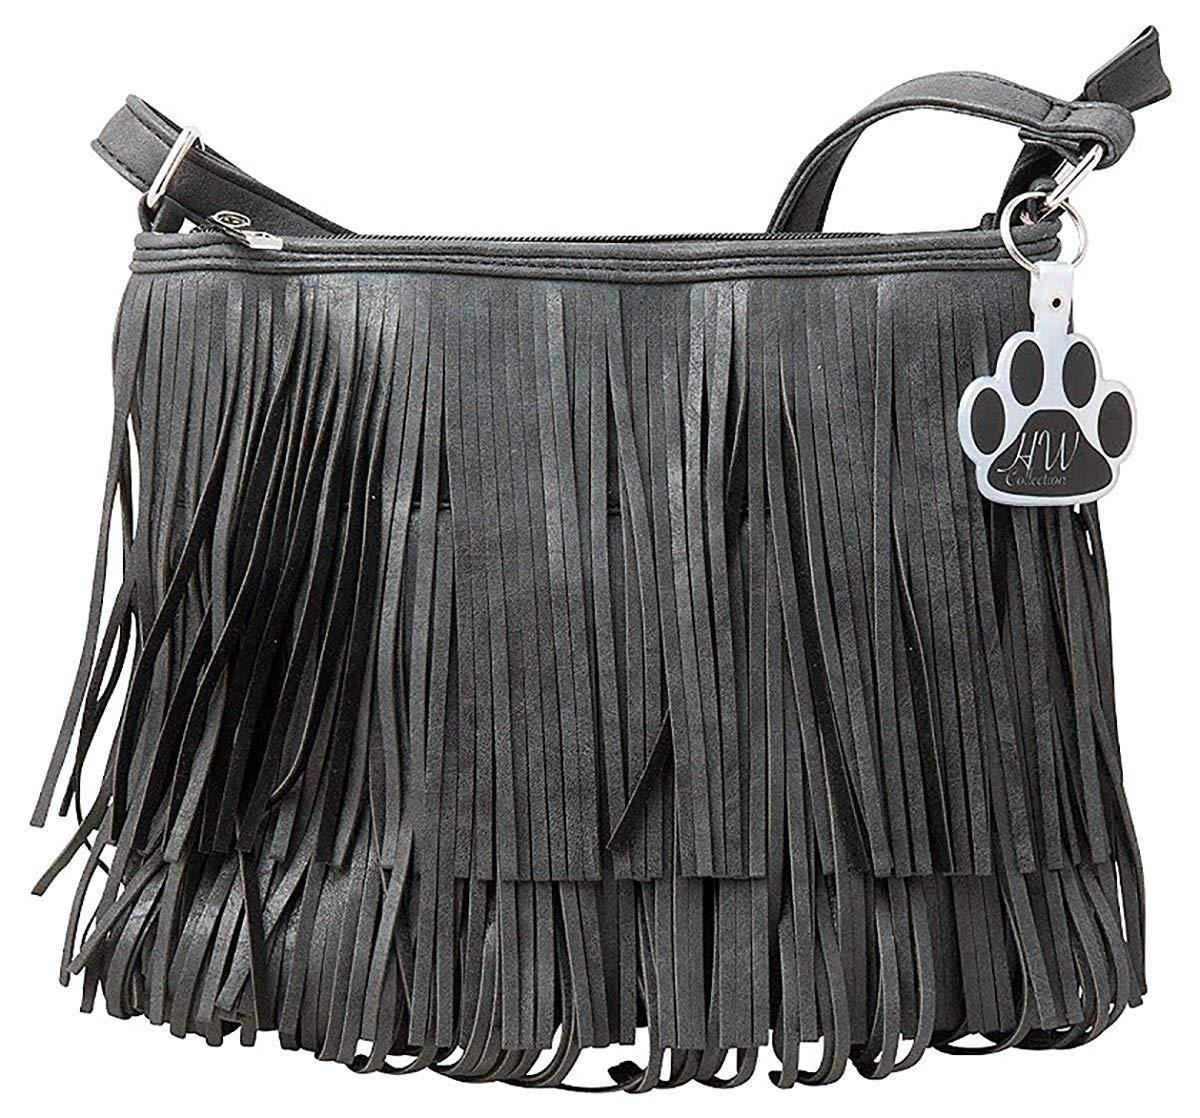 2588ef1f4f61 Cheap Crossbody Bag Fringe, find Crossbody Bag Fringe deals on line ...